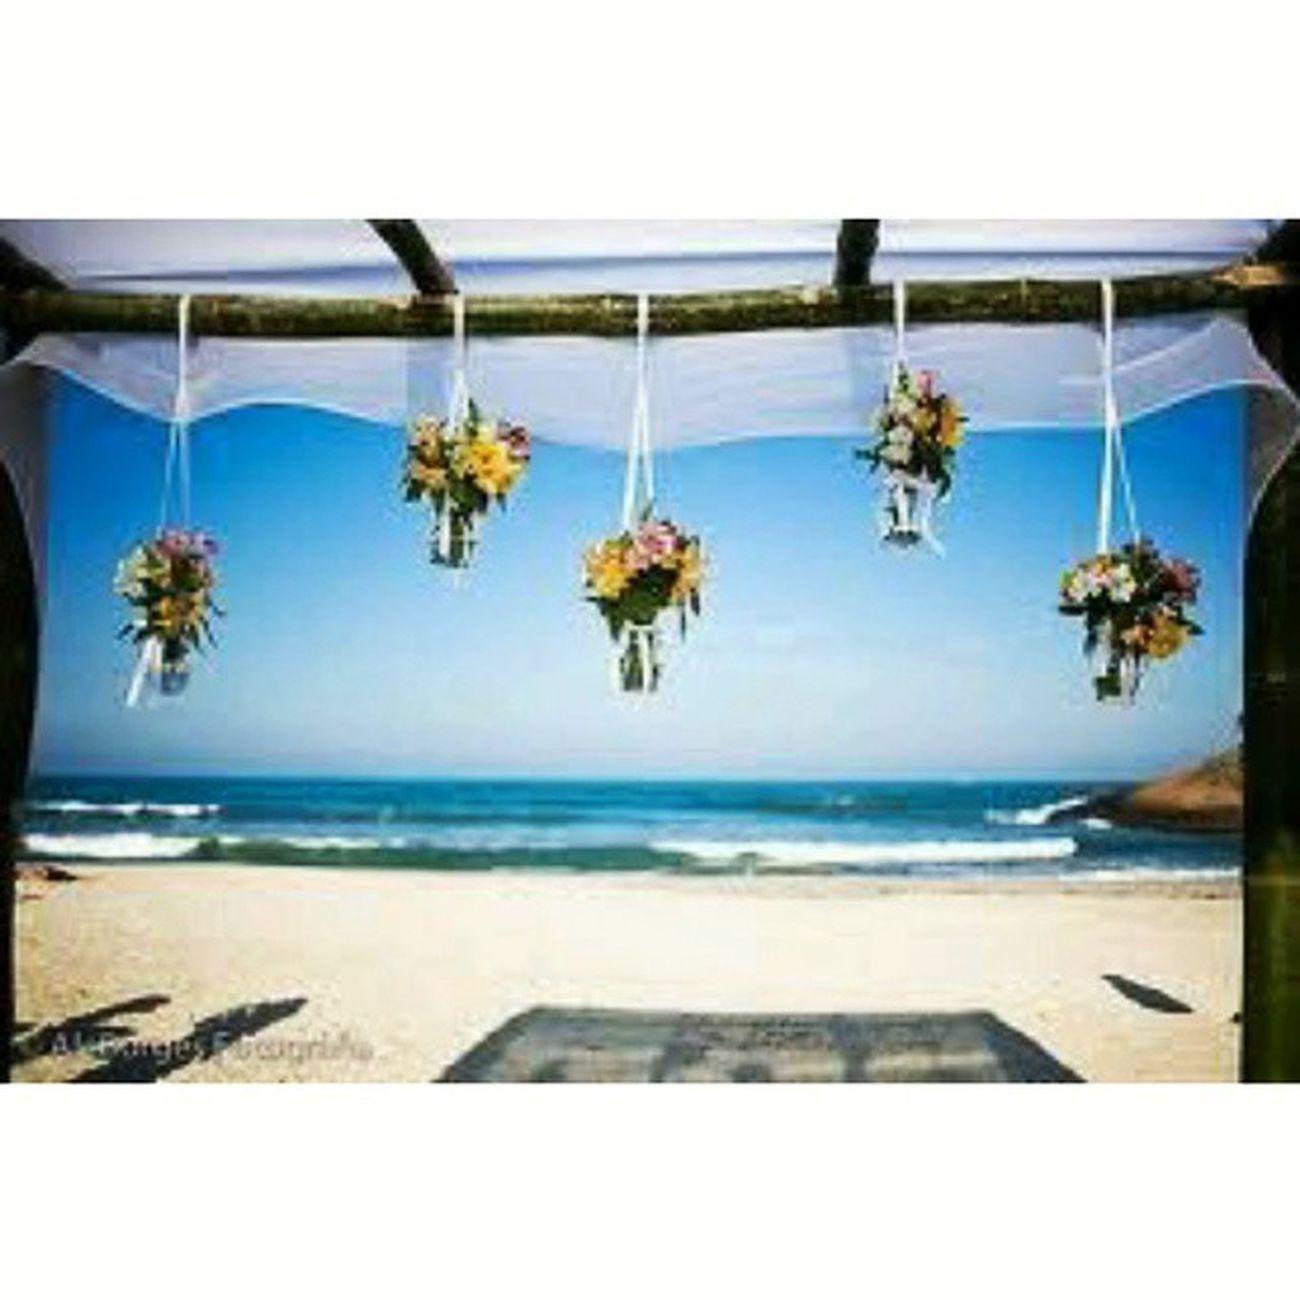 Bom dia meus amores! Mais uma foto pra inspirar quem vai casar na praia.. lindo demais ~amannnndo~. Prwedding Beachwedding Weddingbeachideas Weddinginspiration weddingblog blogdecasamento picoftheday bridetobe tudodepolly casamentonapraia